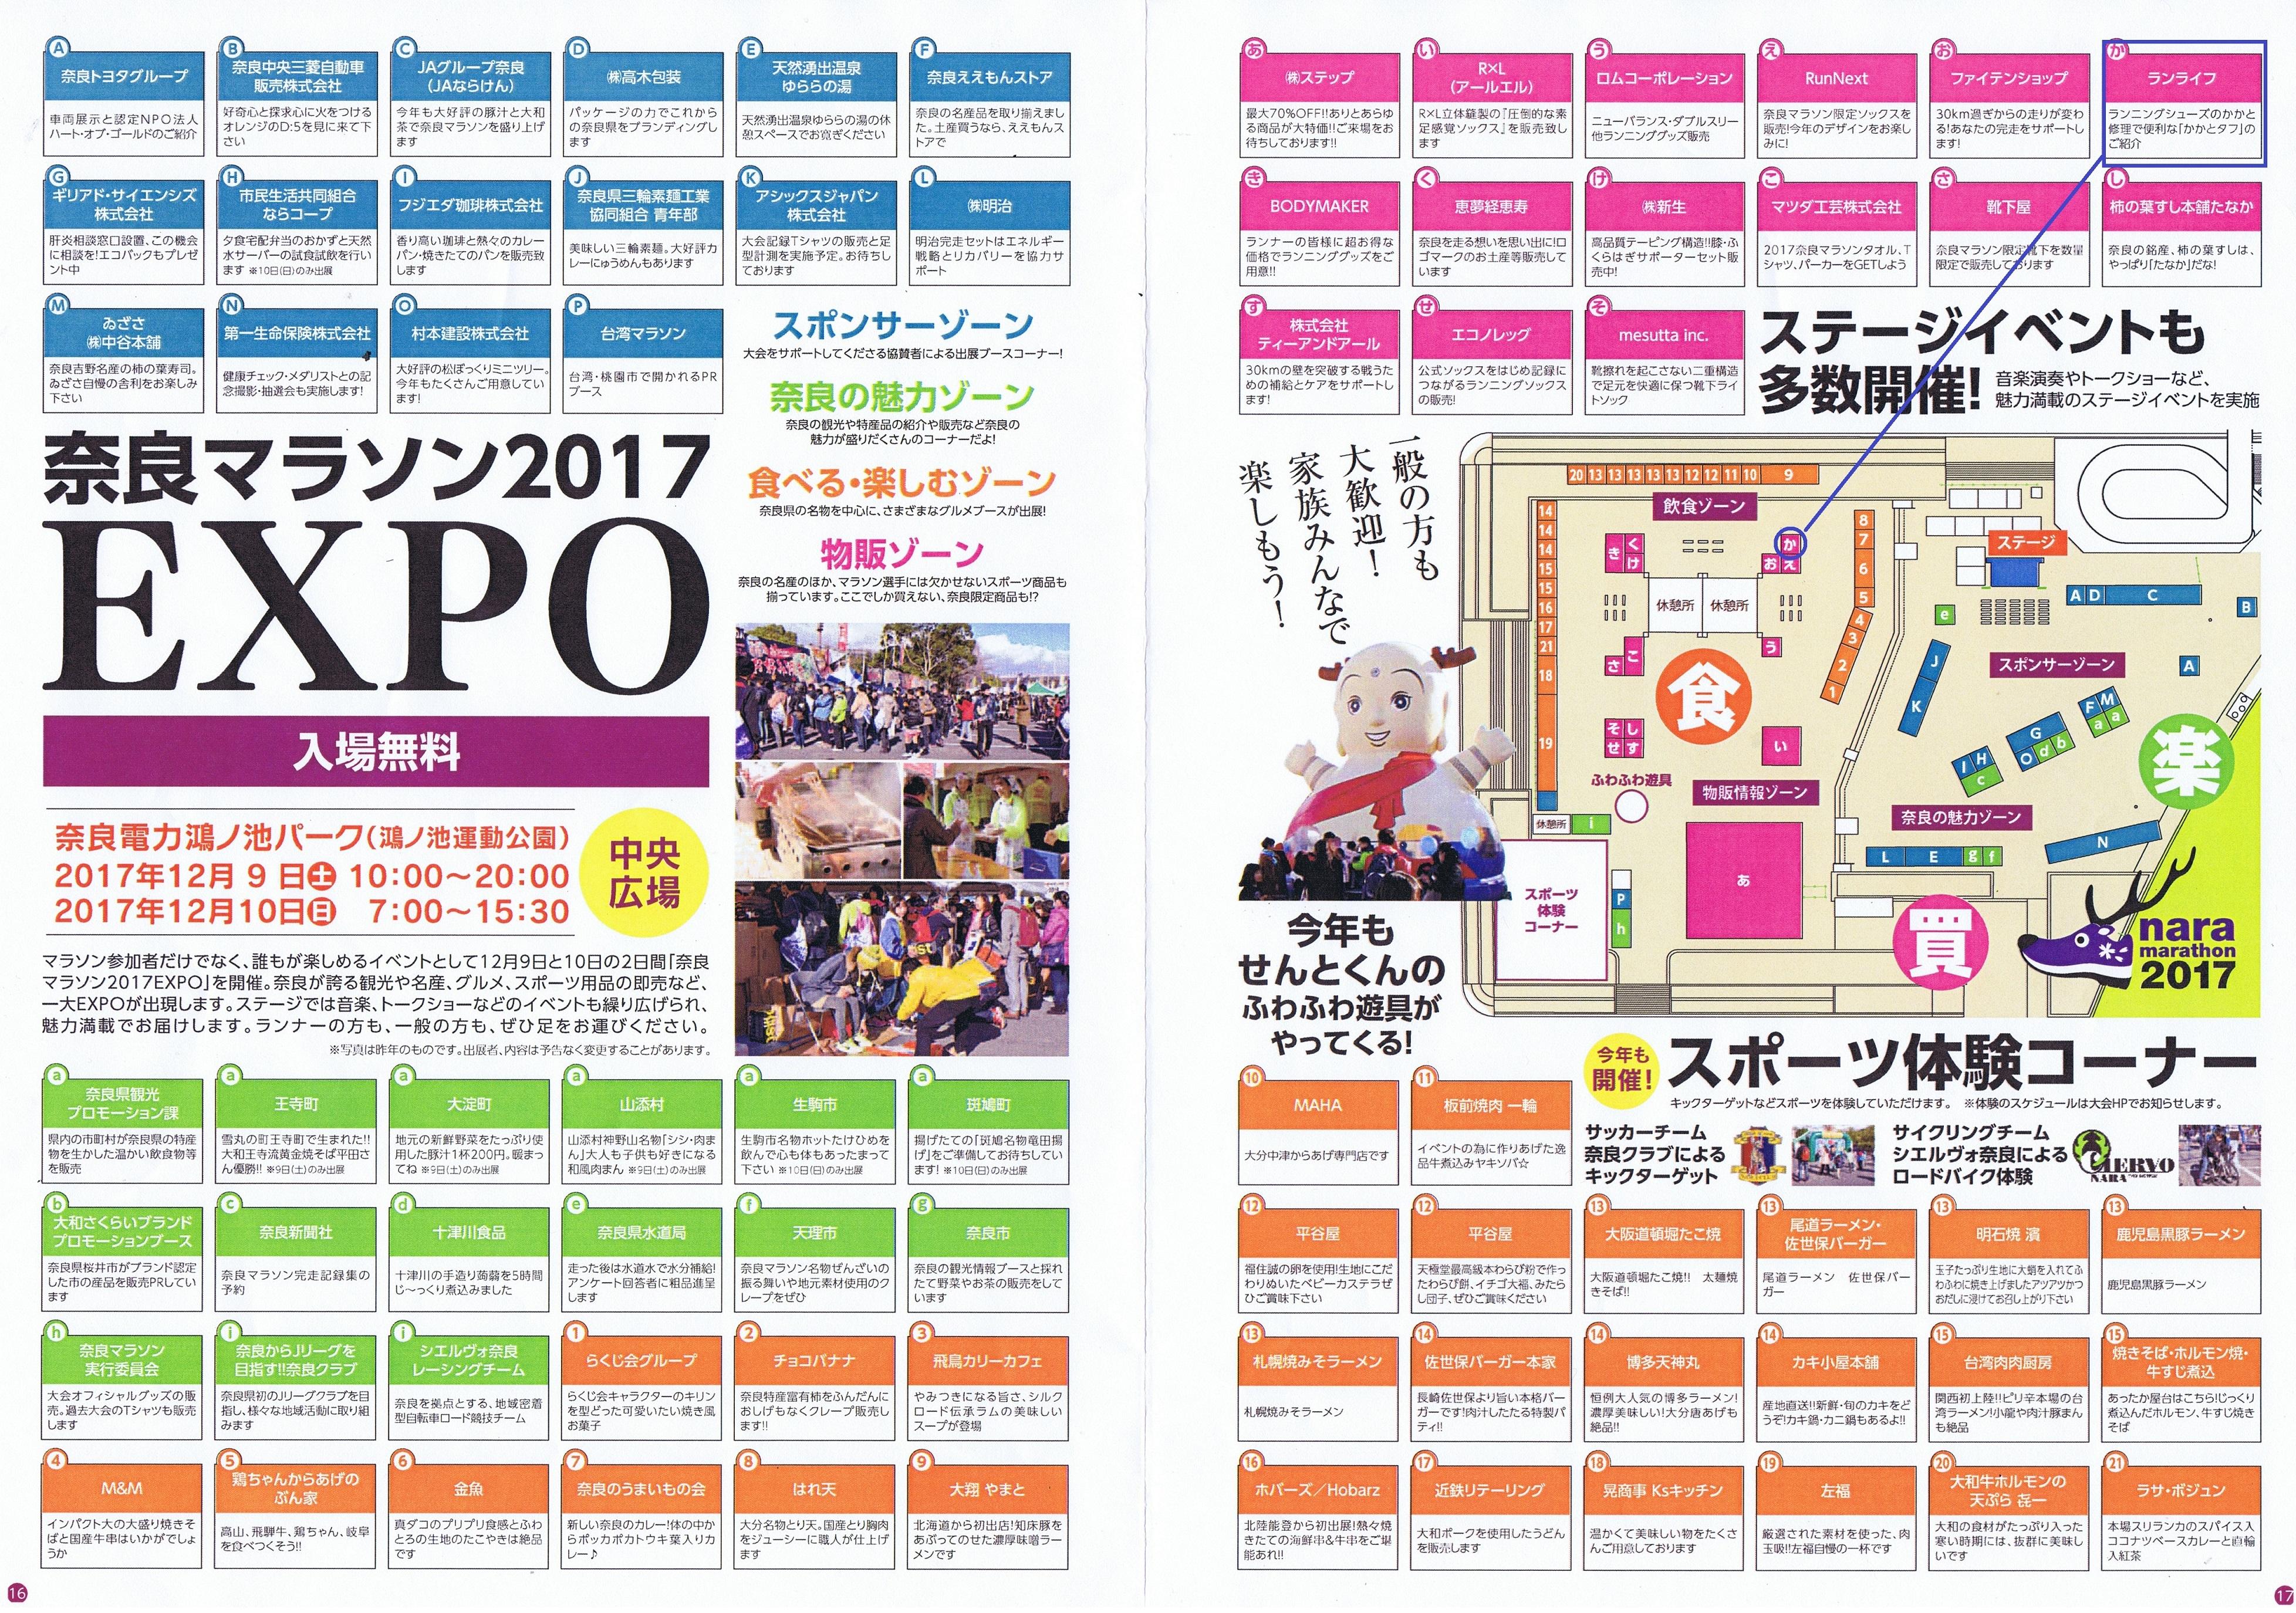 奈良マラソンEXPO